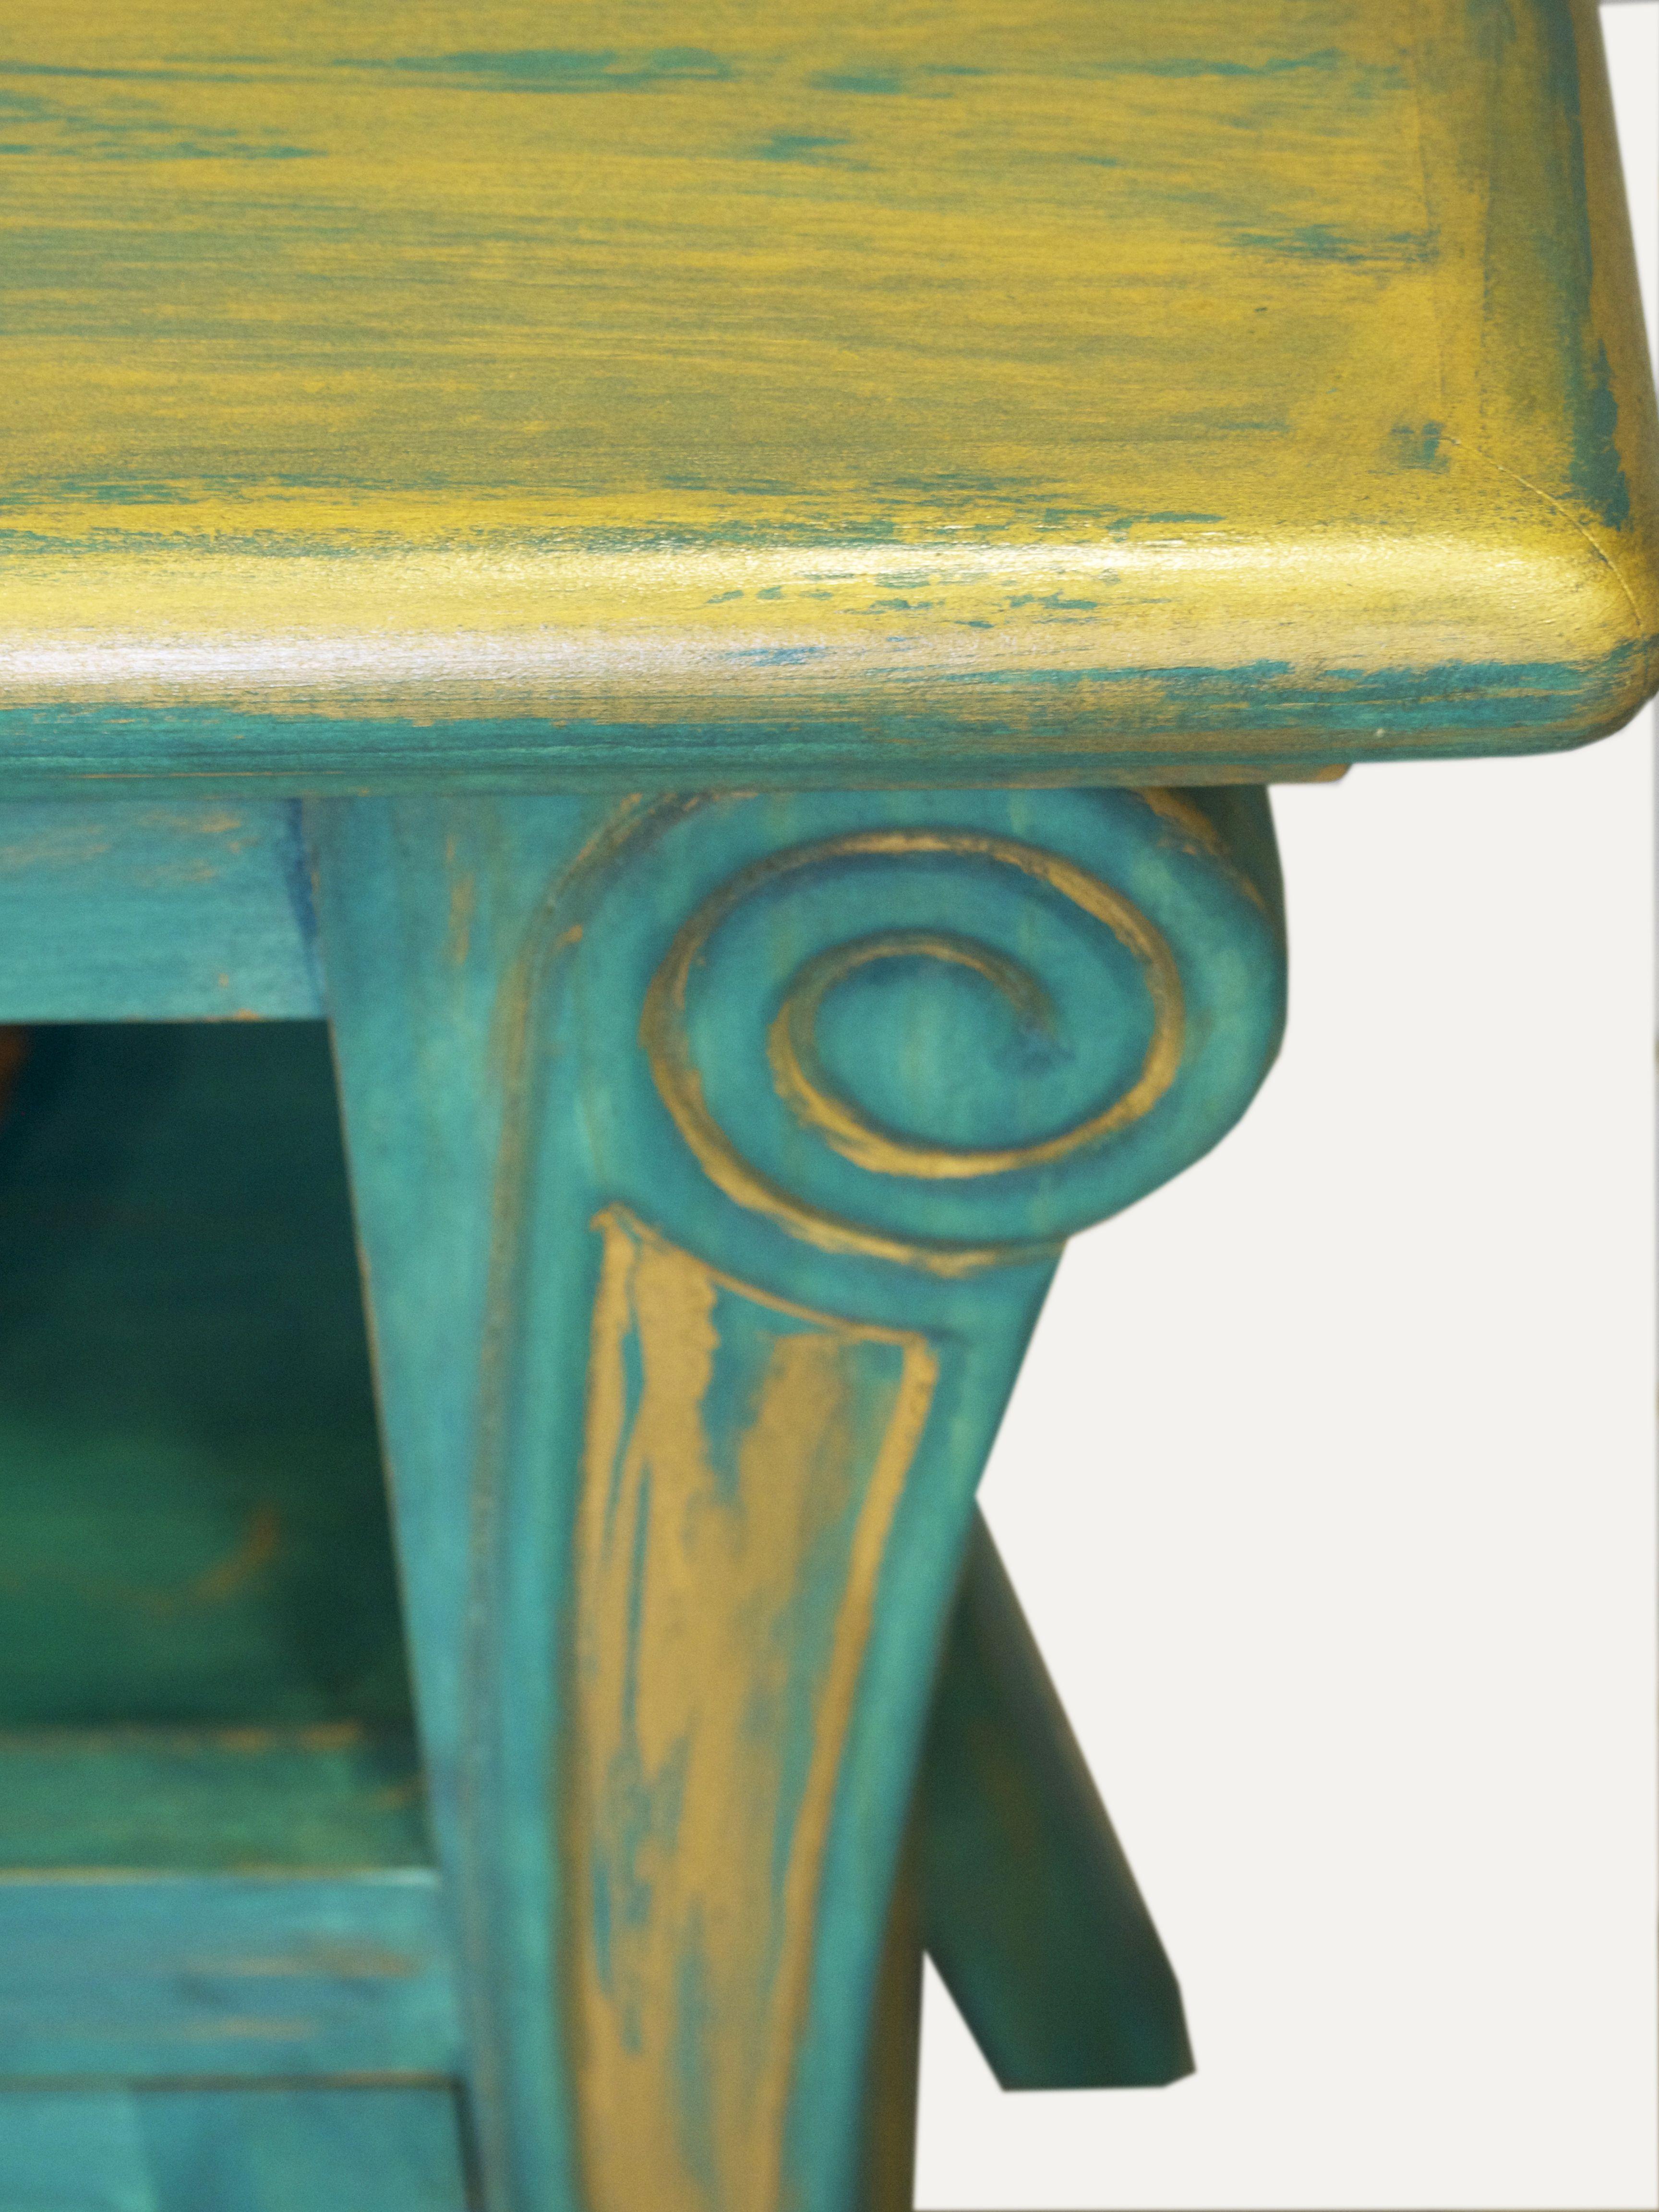 Detalle De Mueble Tv Pintado A Mano En Verde Azulado Y Patinado  # Muebles Revolucion